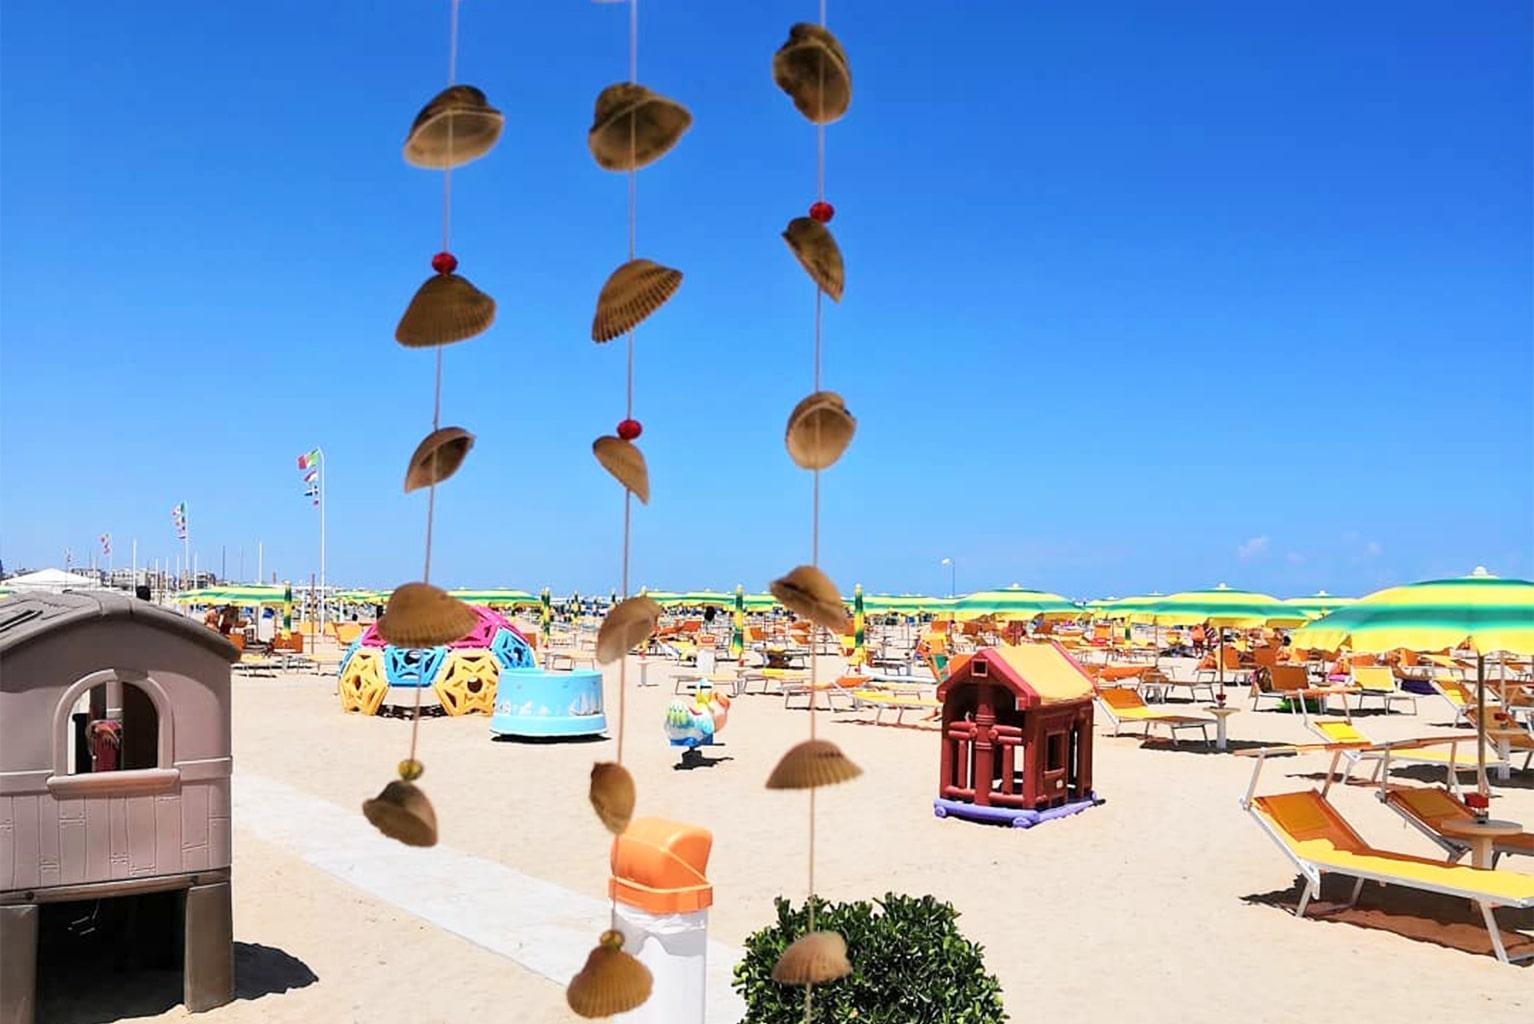 Servizi Bagno Riviera 1 Rivabella - giochi bambini